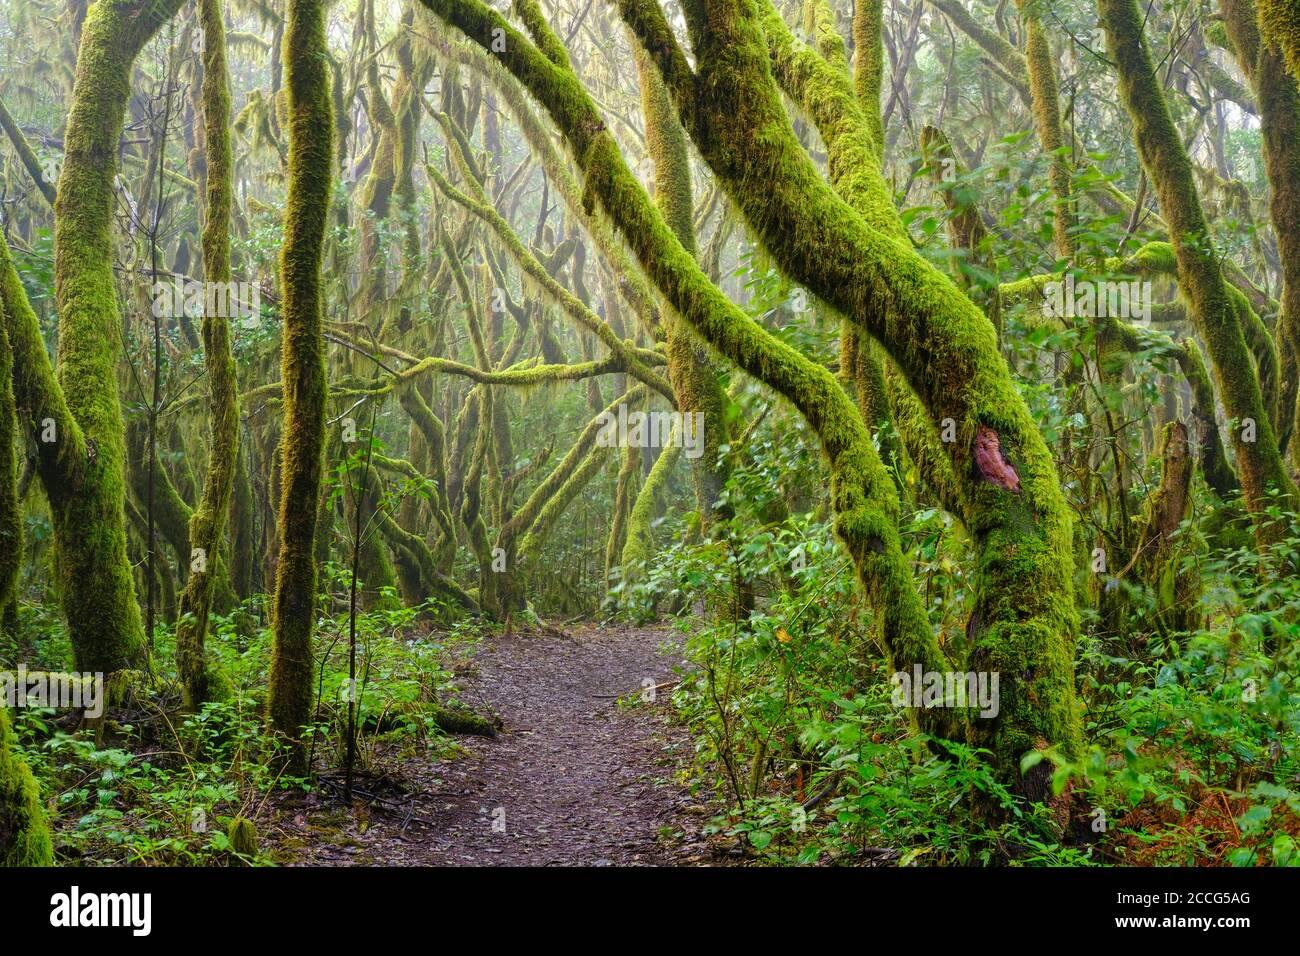 Sentier forestier et arbres de mousses dans la forêt nuageuse, parc national de Garajonay, la Gomera, îles Canaries, Espagne Banque D'Images